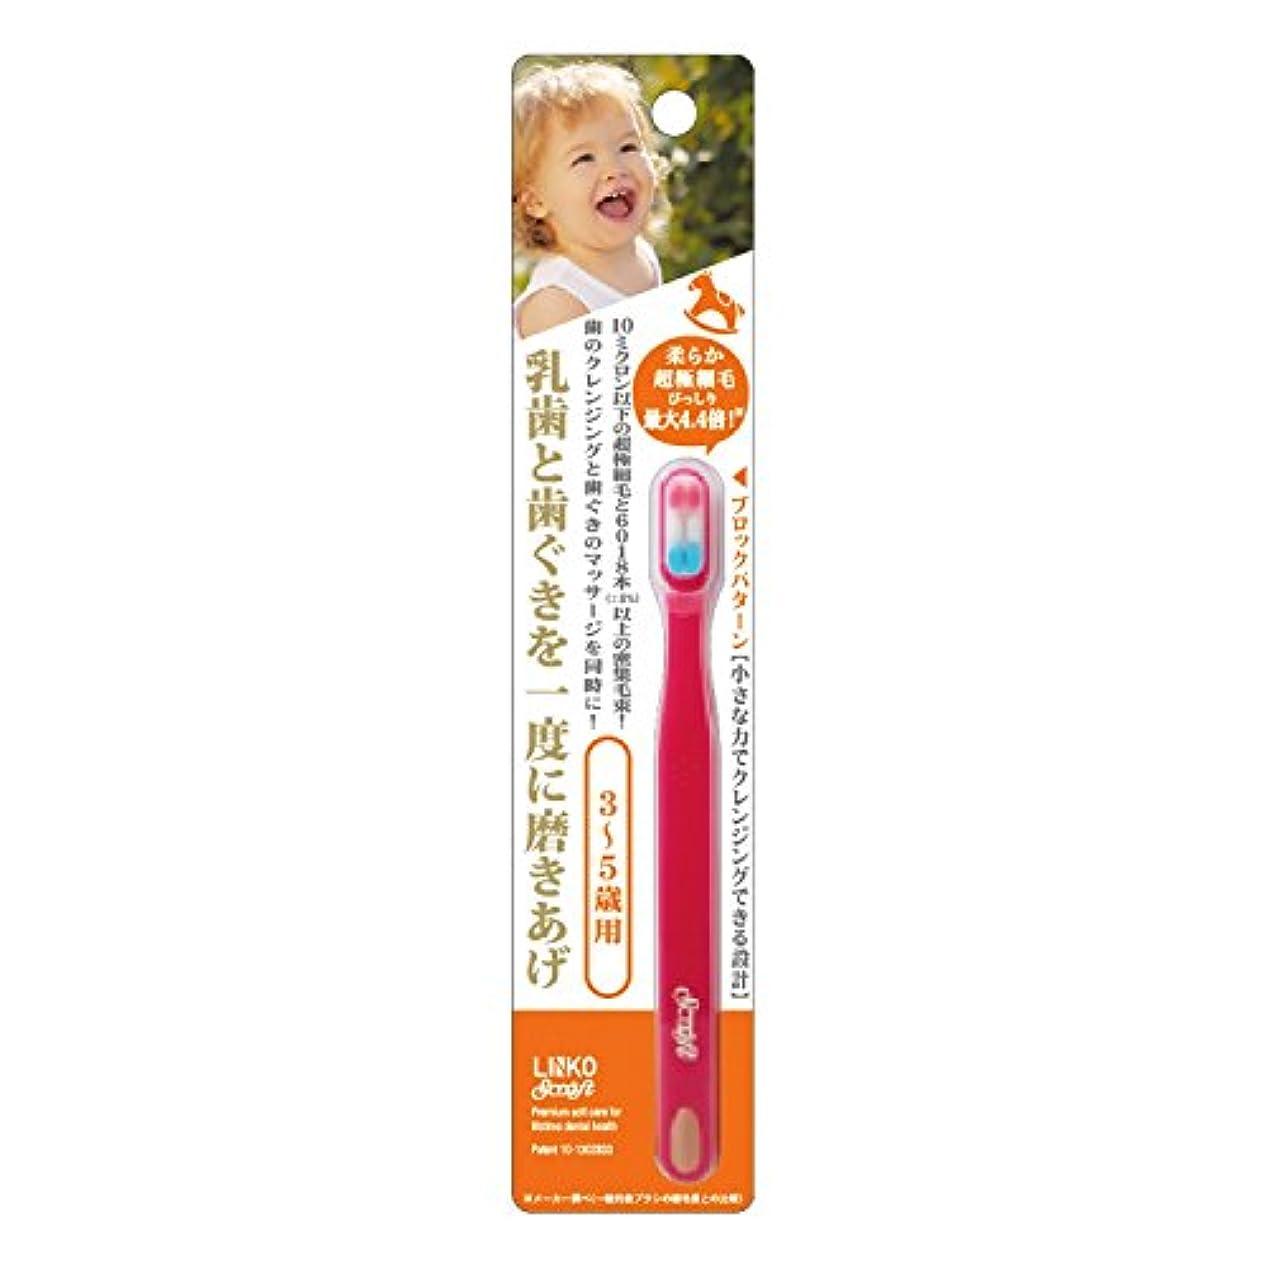 核必需品繁殖【ルクス×リエンコ】 超極細毛ソフト歯ブラシ 3~5歳用 (※色お任せ)